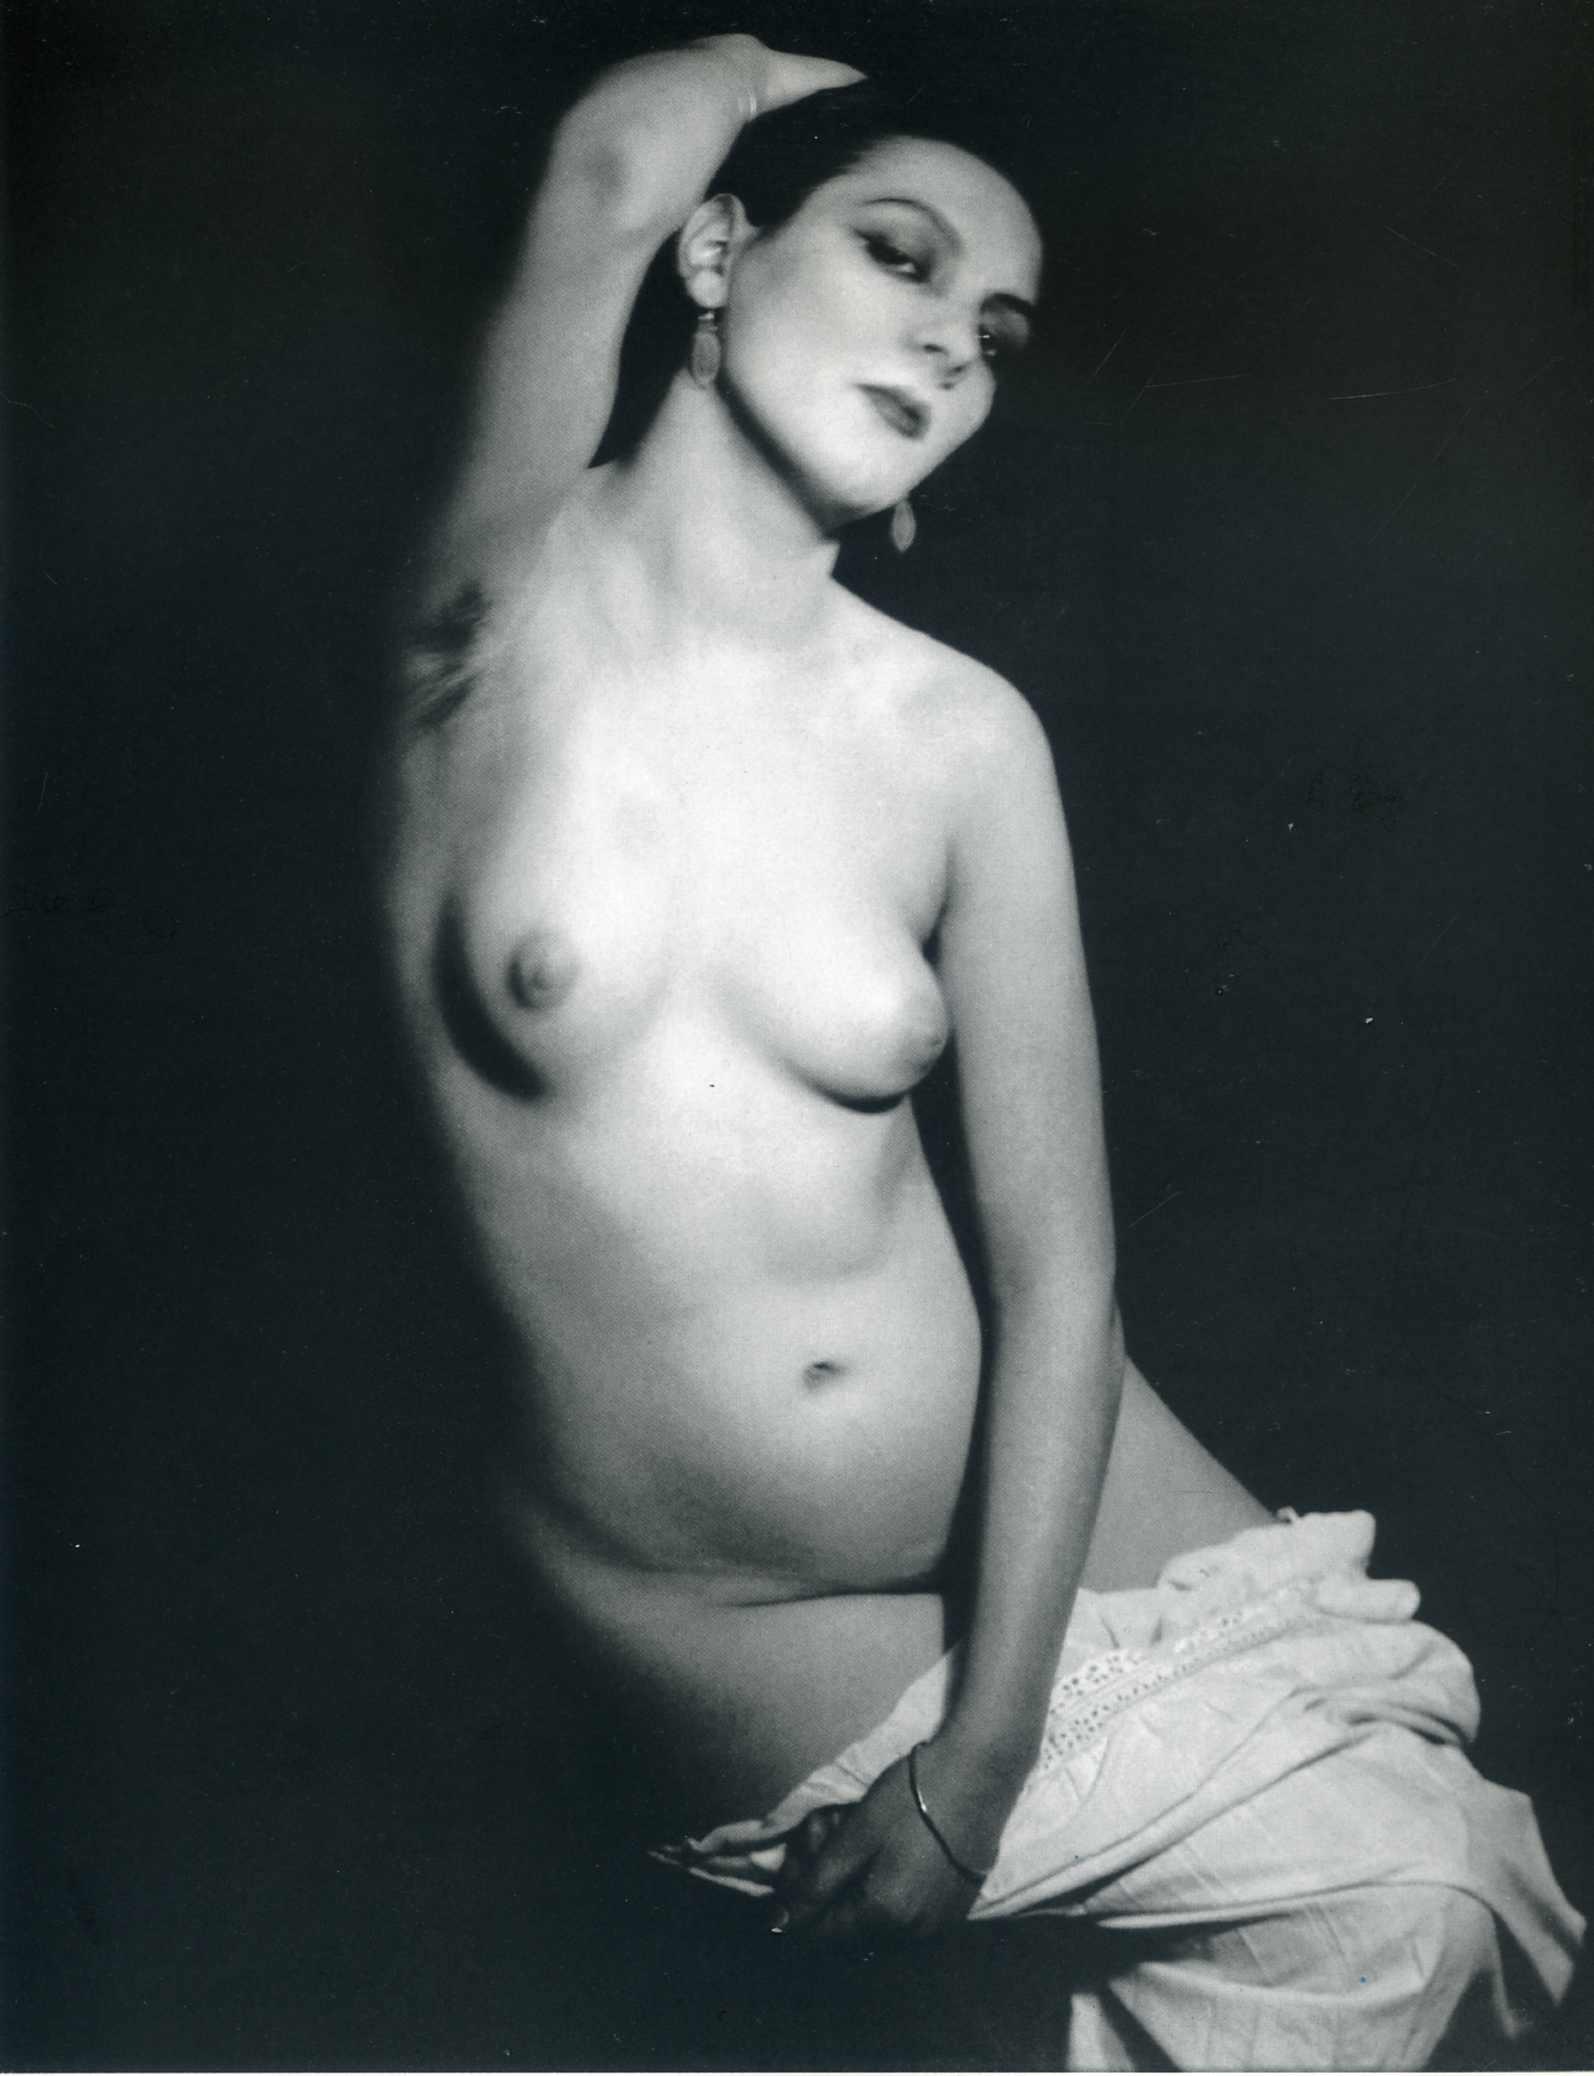 Lamour de femme 1969 - 1 2